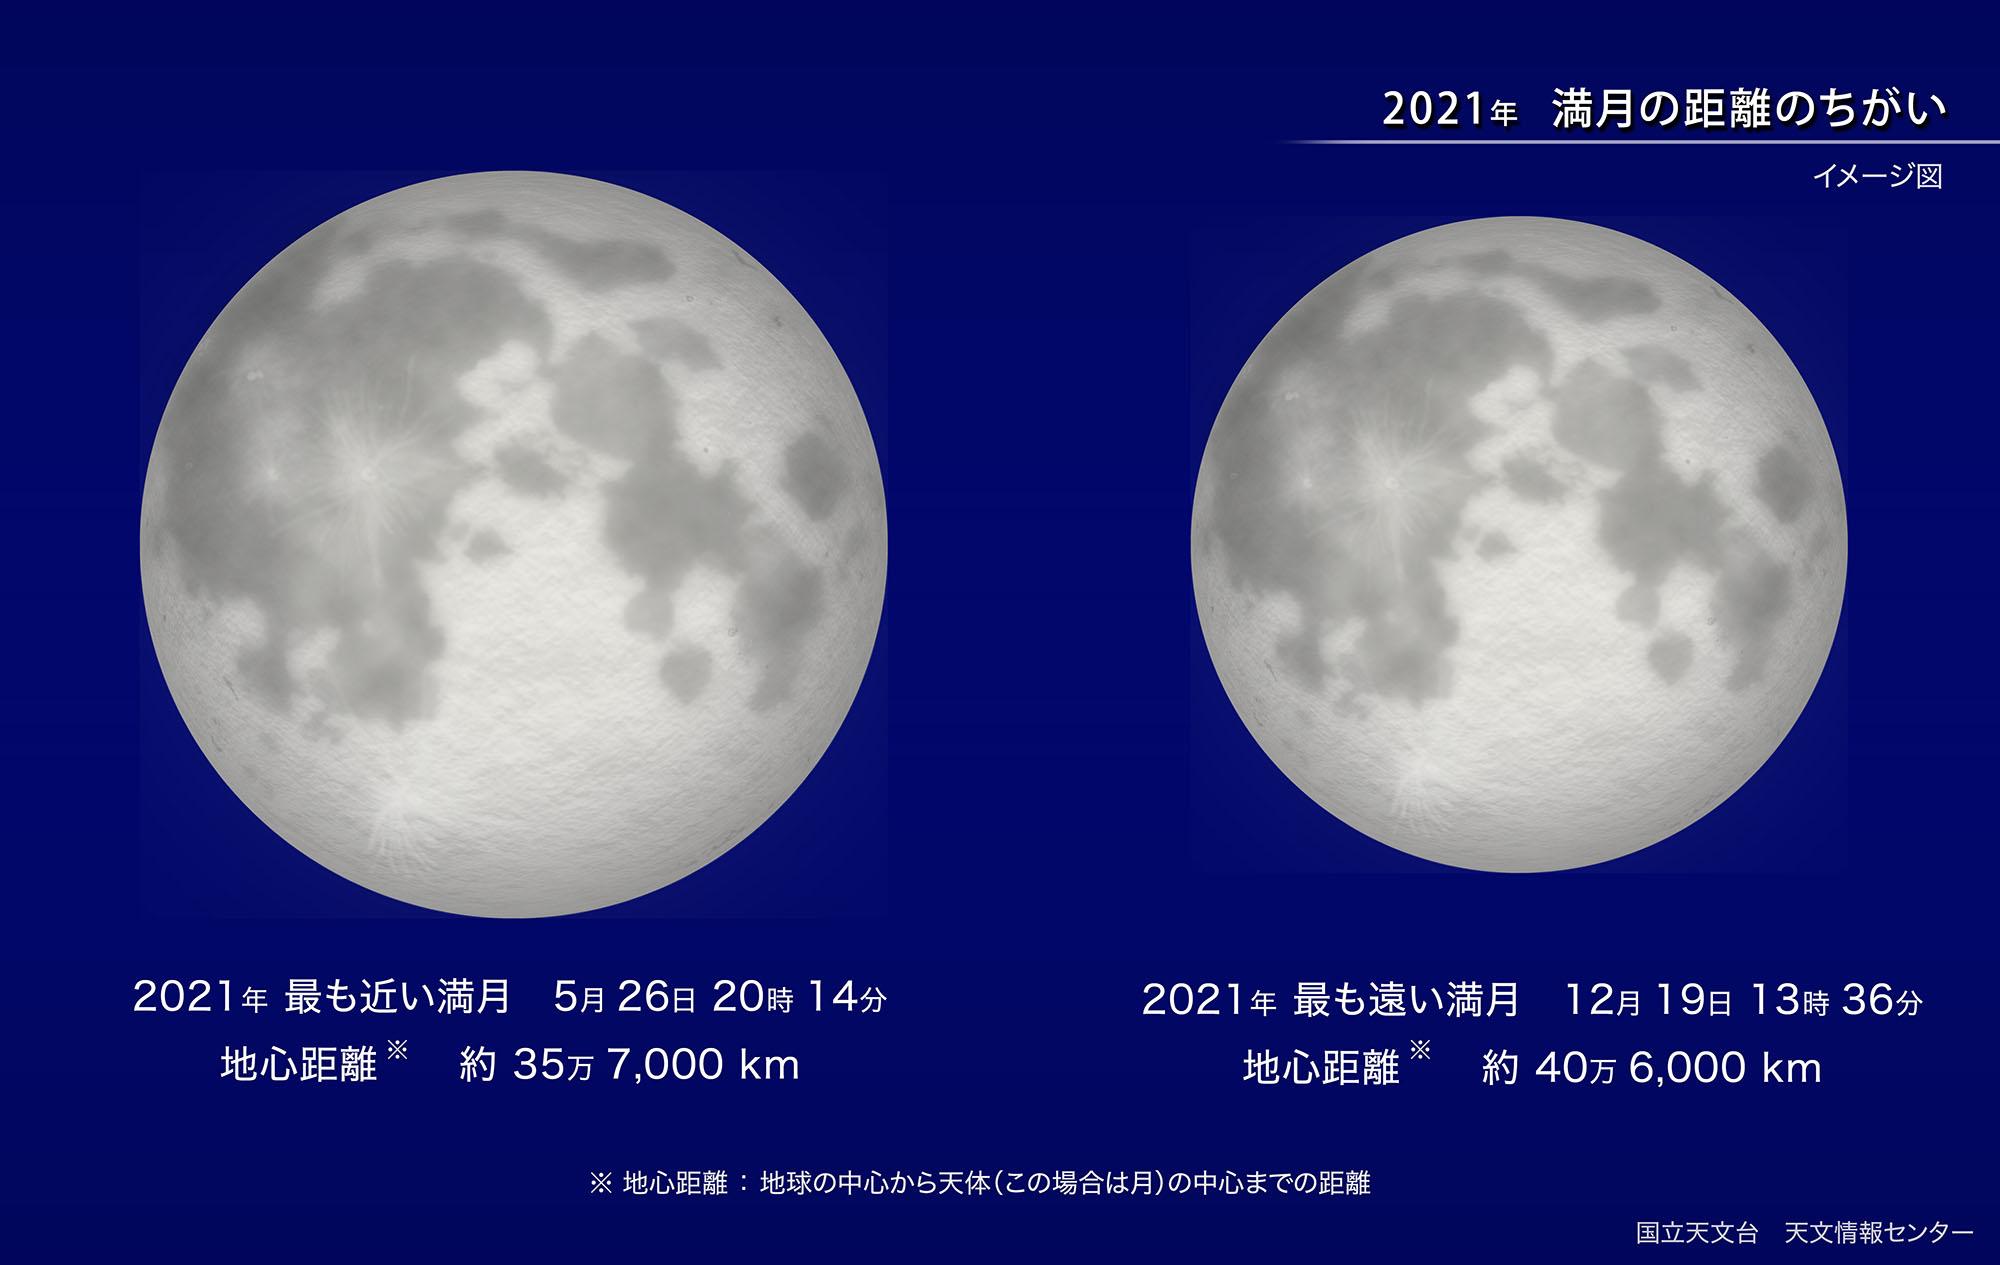 国立天文台ー2021年満月の違い